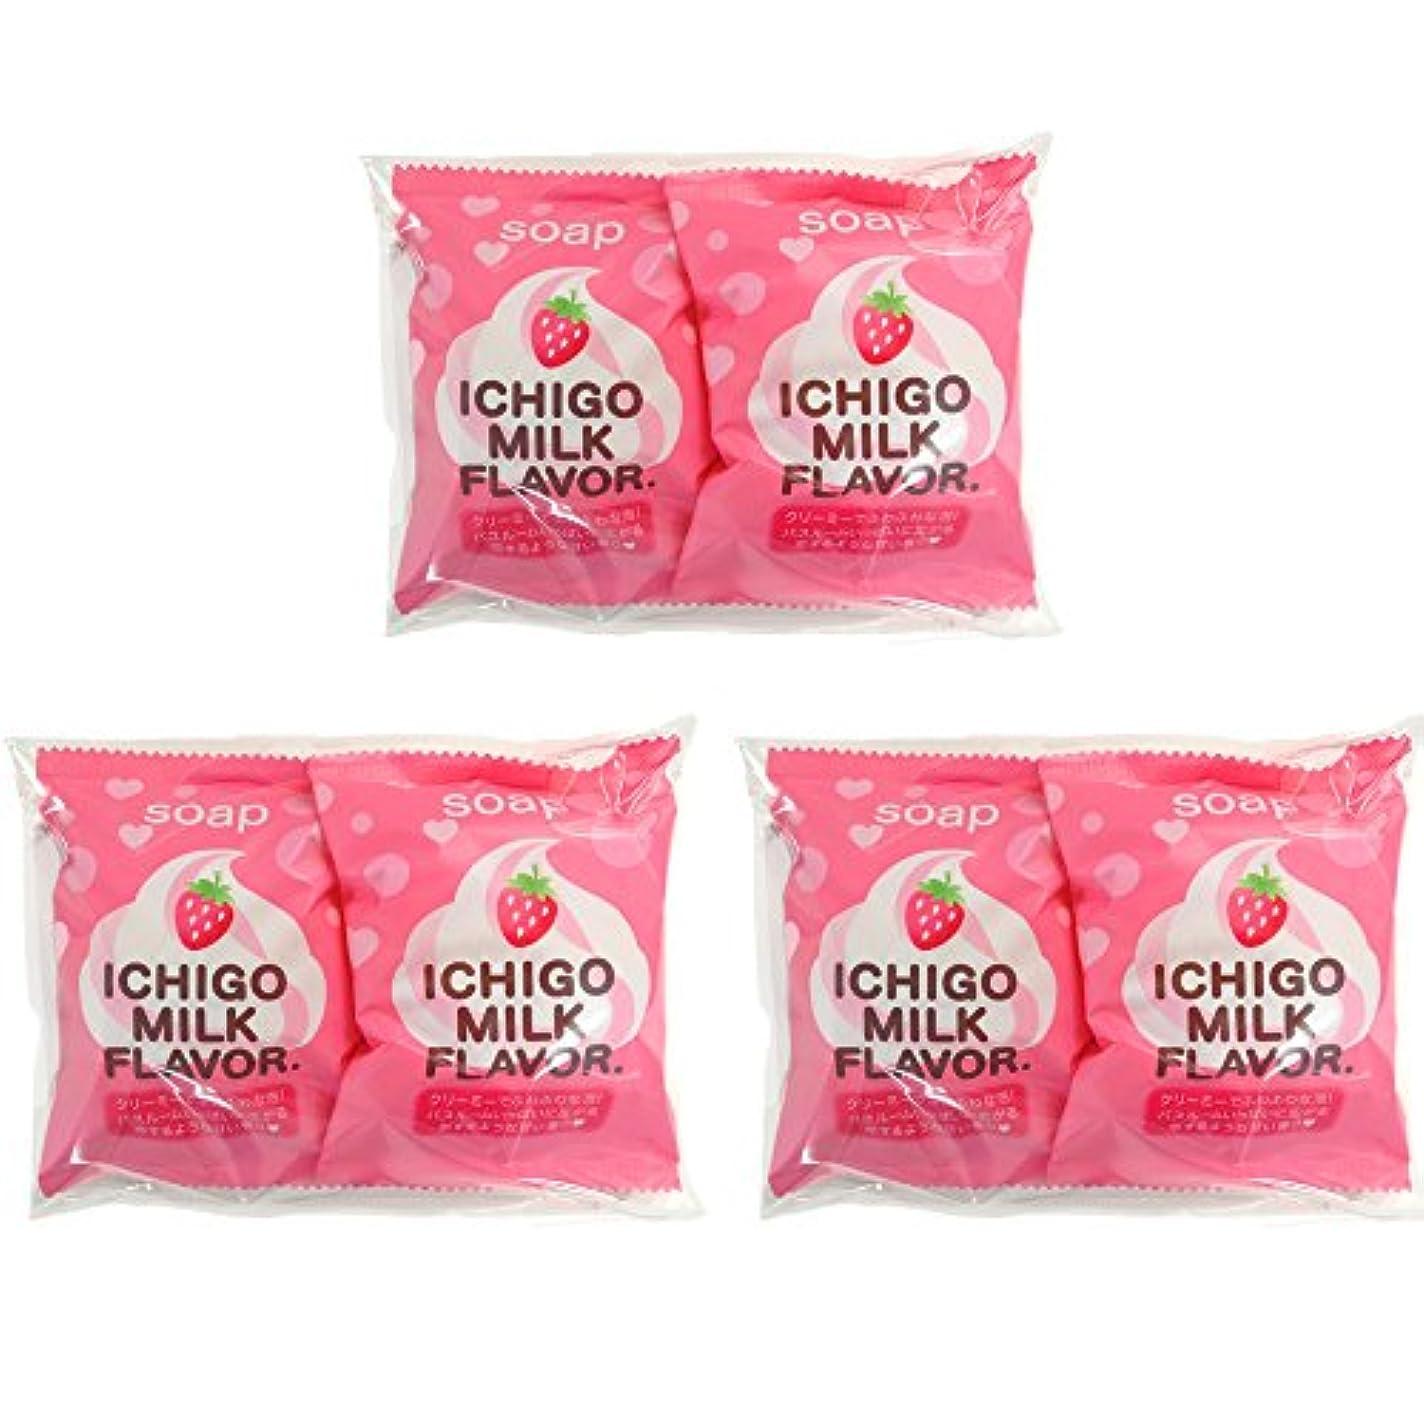 シルク耐えられる浅いプチベリィ ソープS (80g×2個)×3セット ペリカン石鹸